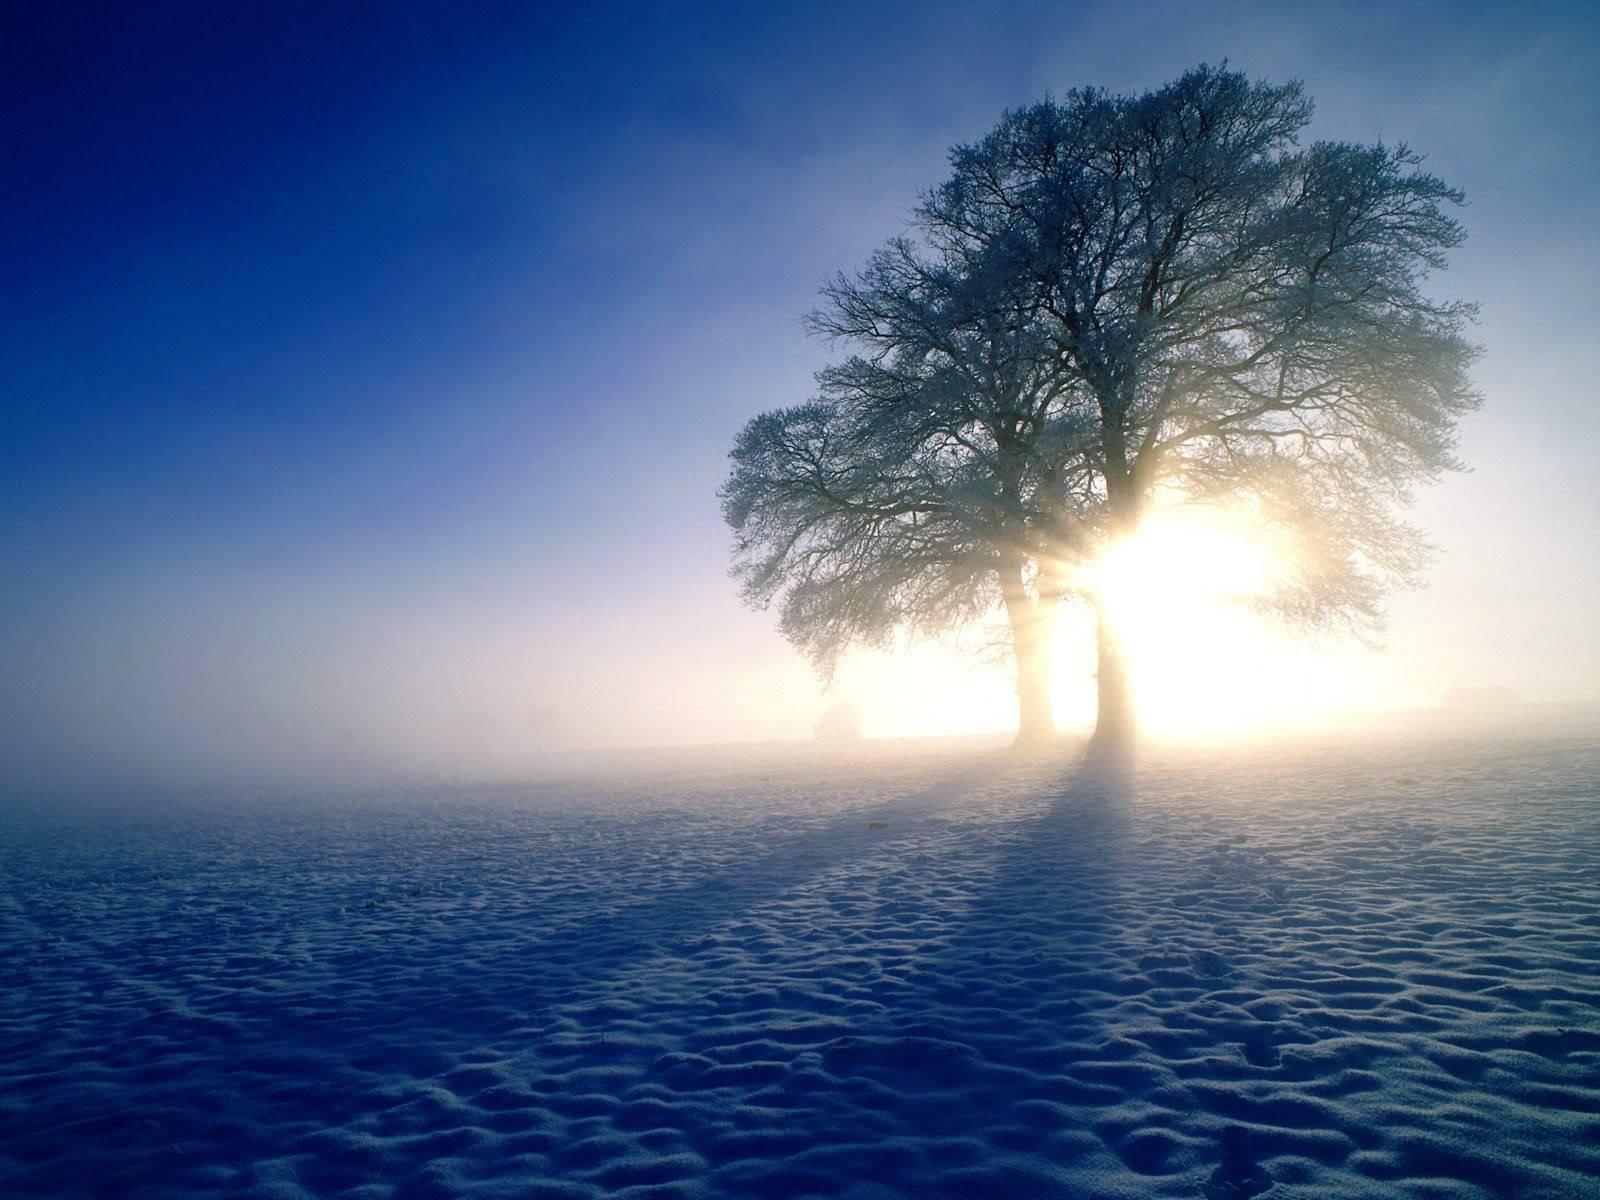 இயற்கை அழகு நிறைந்த காட்சிகள்  WinterInspirationsOakTrees